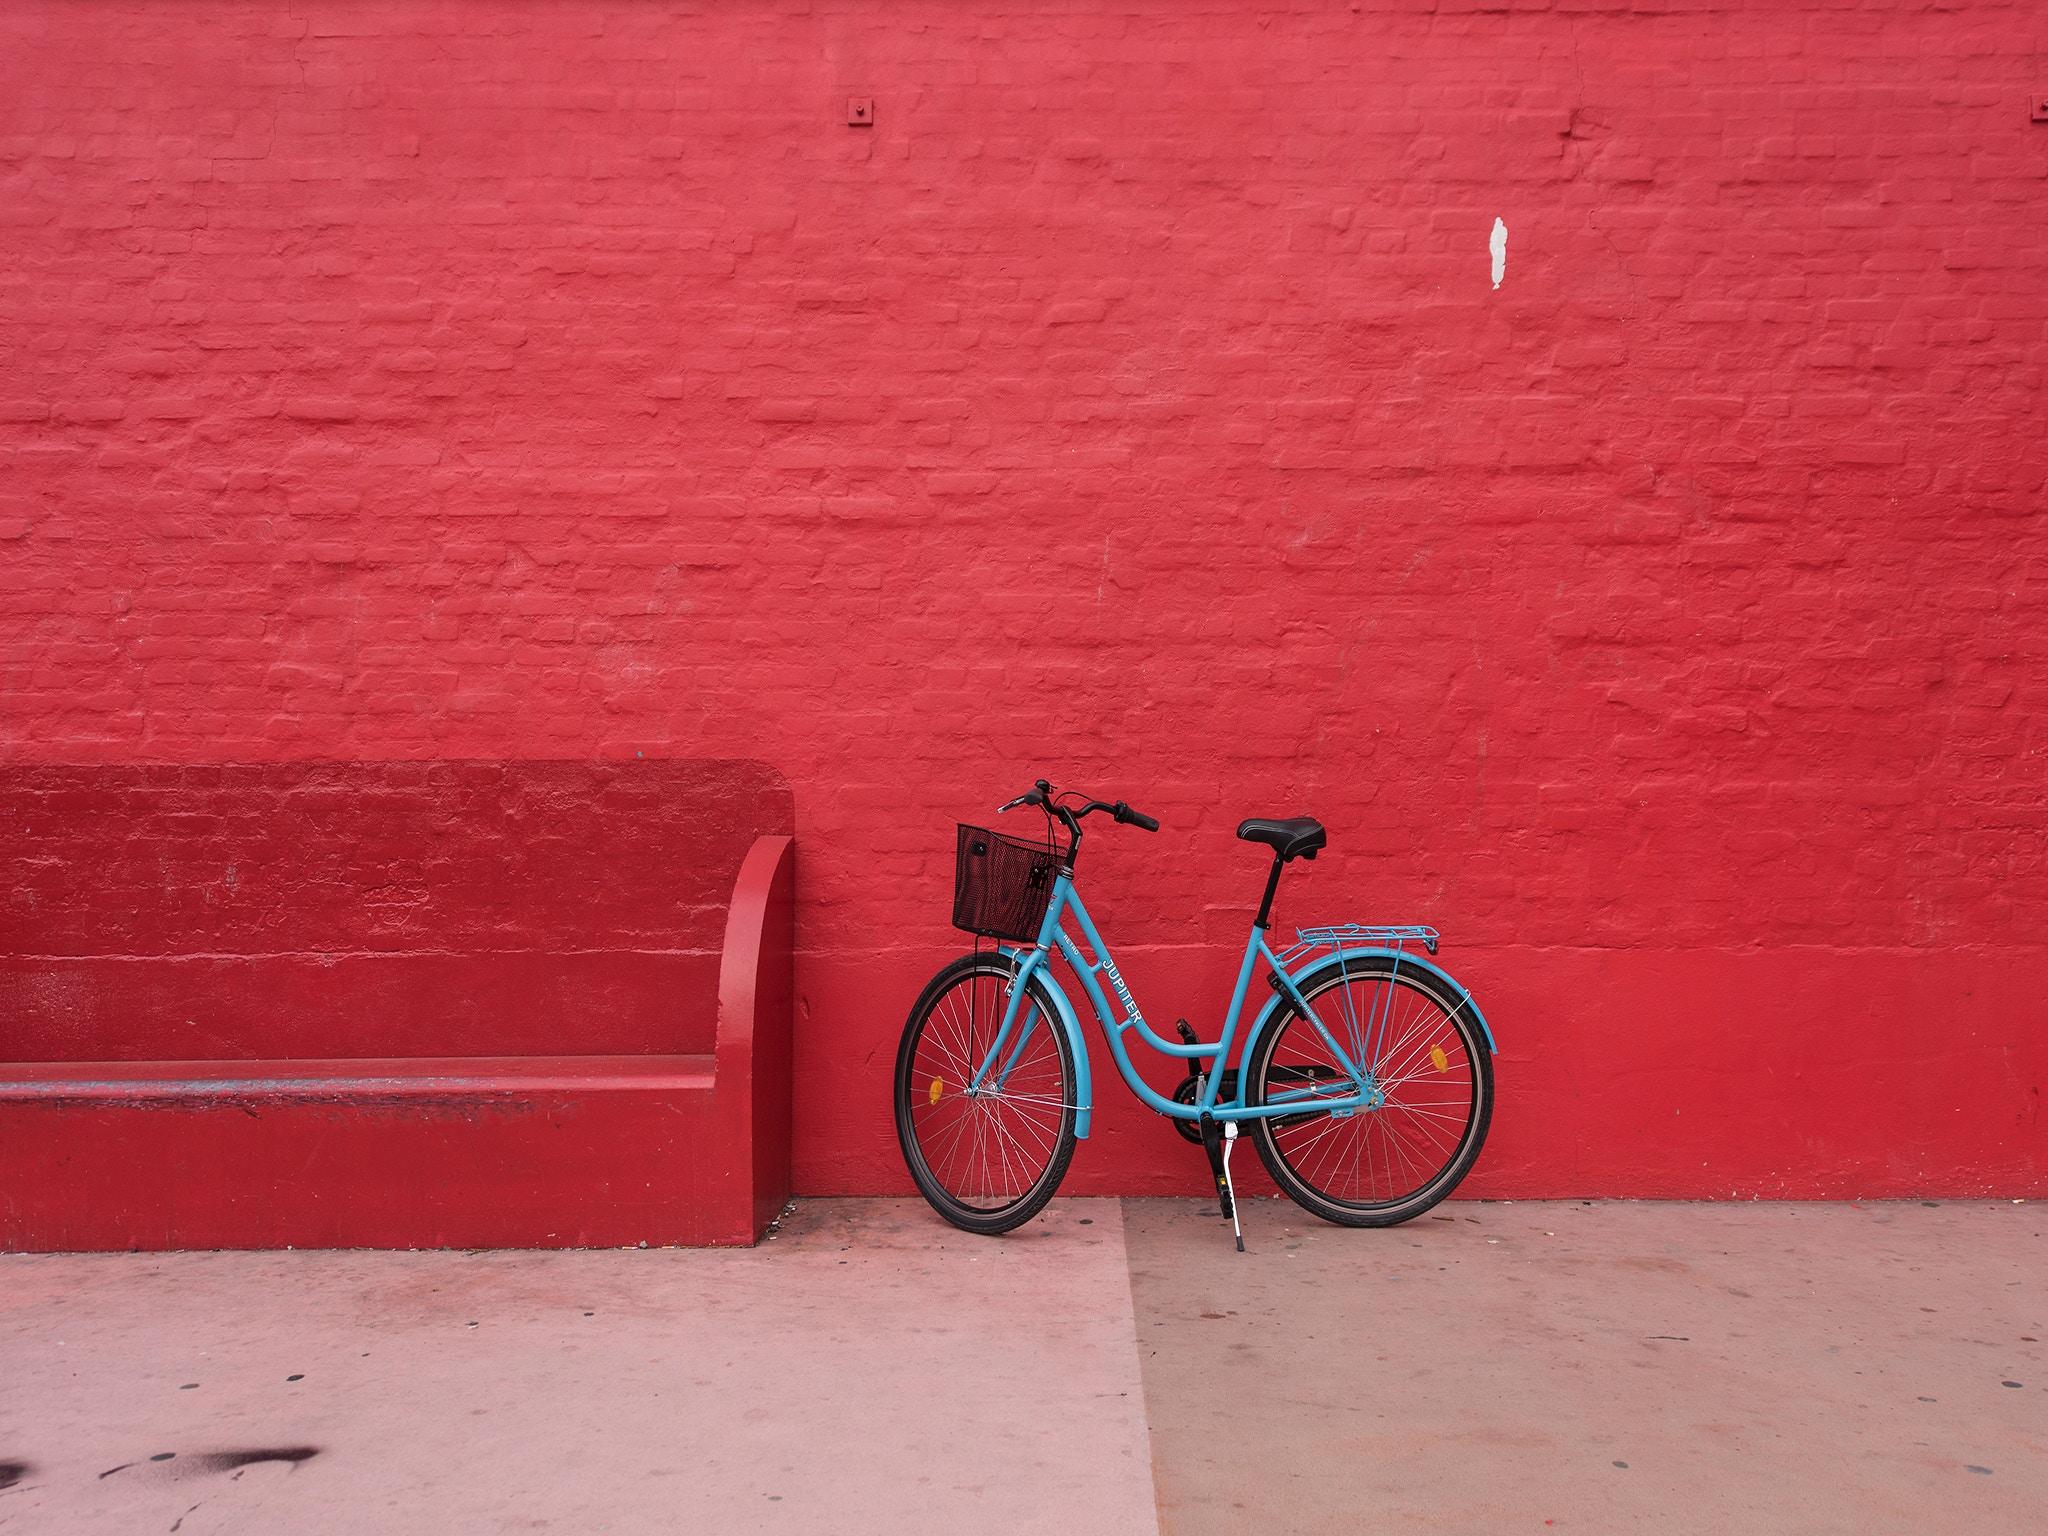 Rode muur met fiets - christian-stahl-323329.jpg